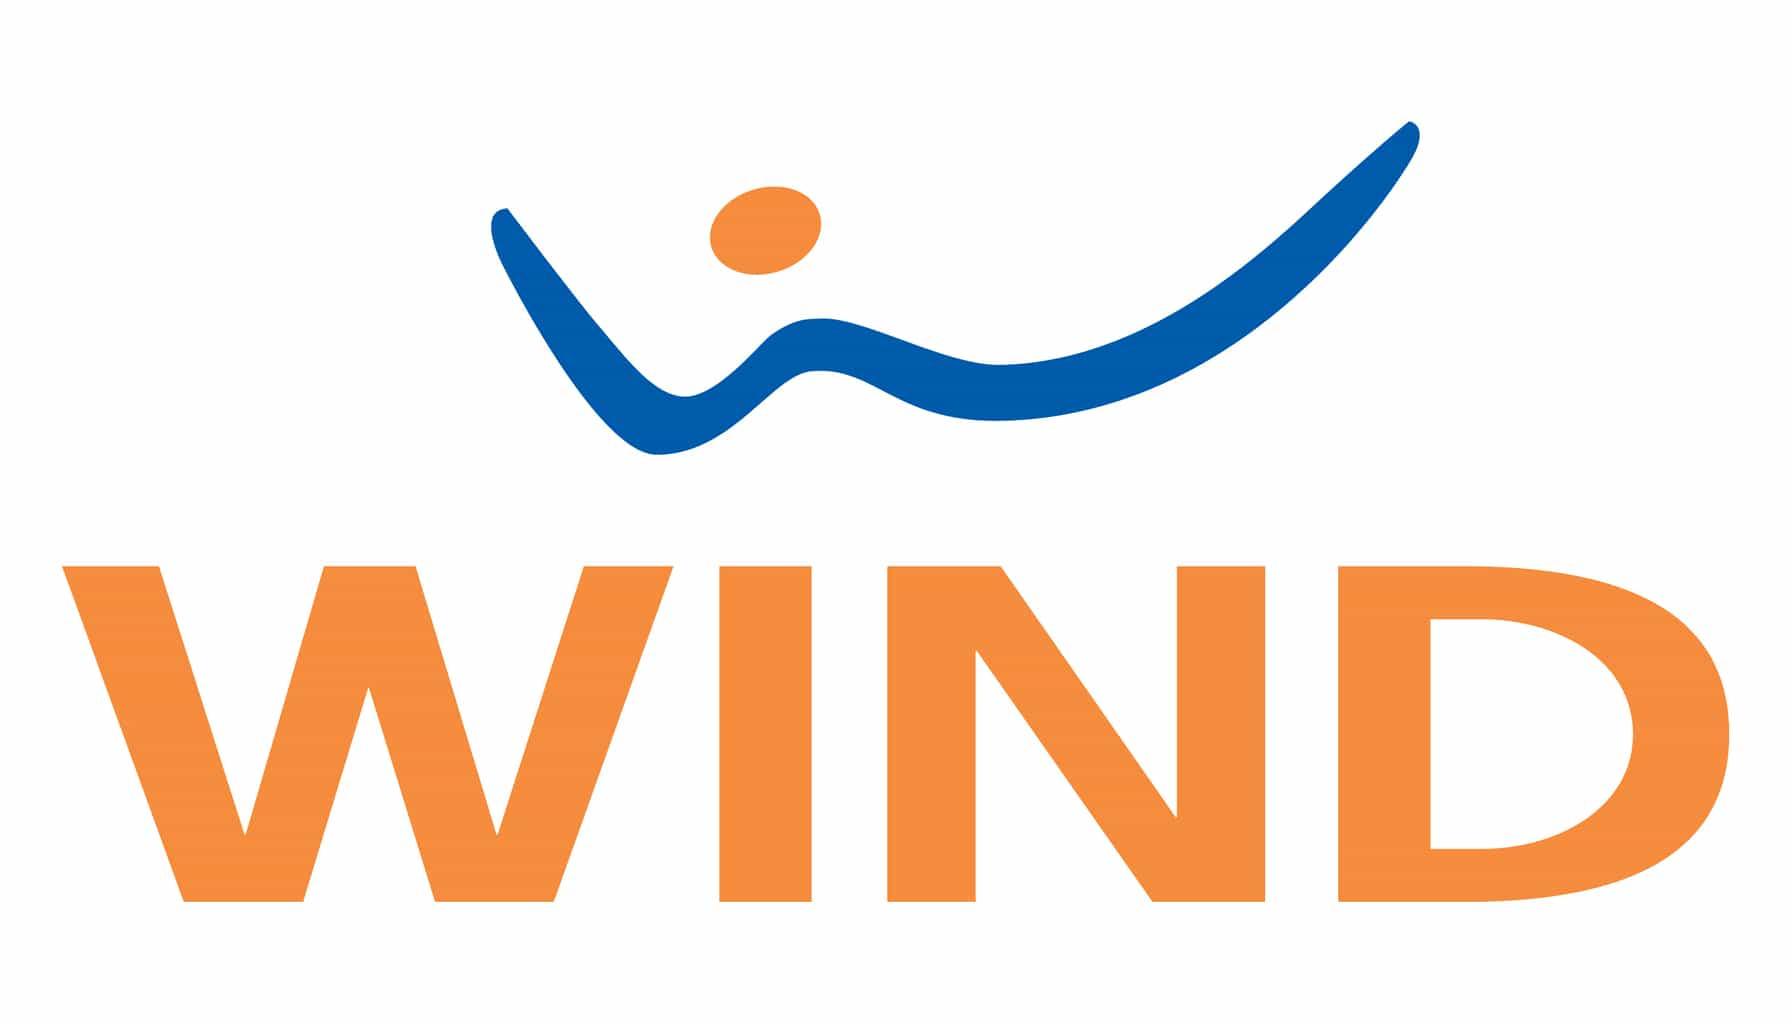 Solo oggi Wind regala credito ai suoi clienti